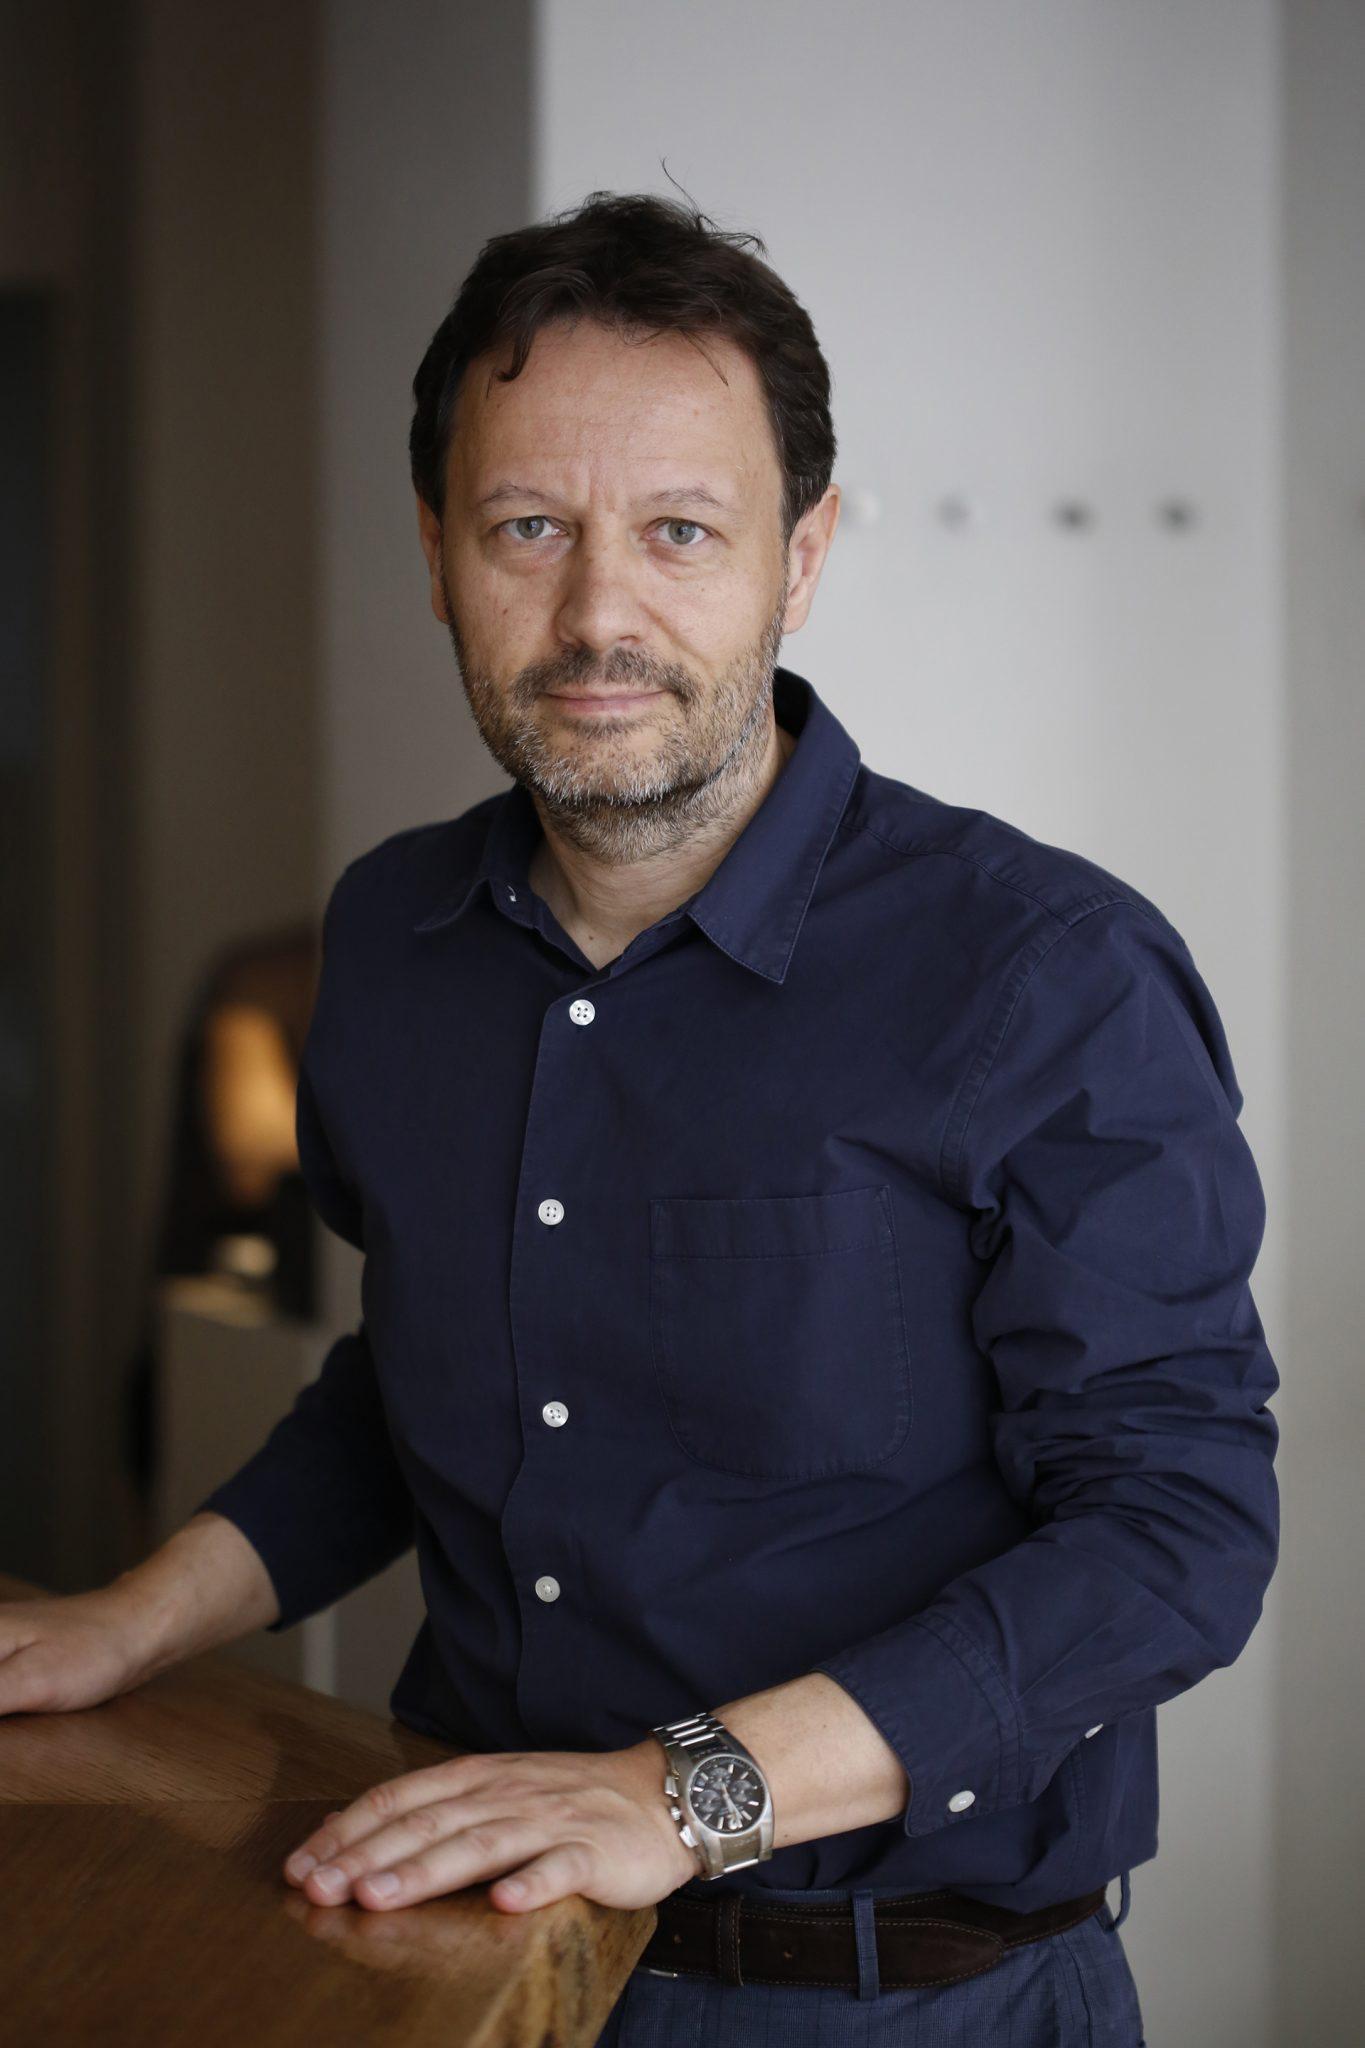 Brendan Becht